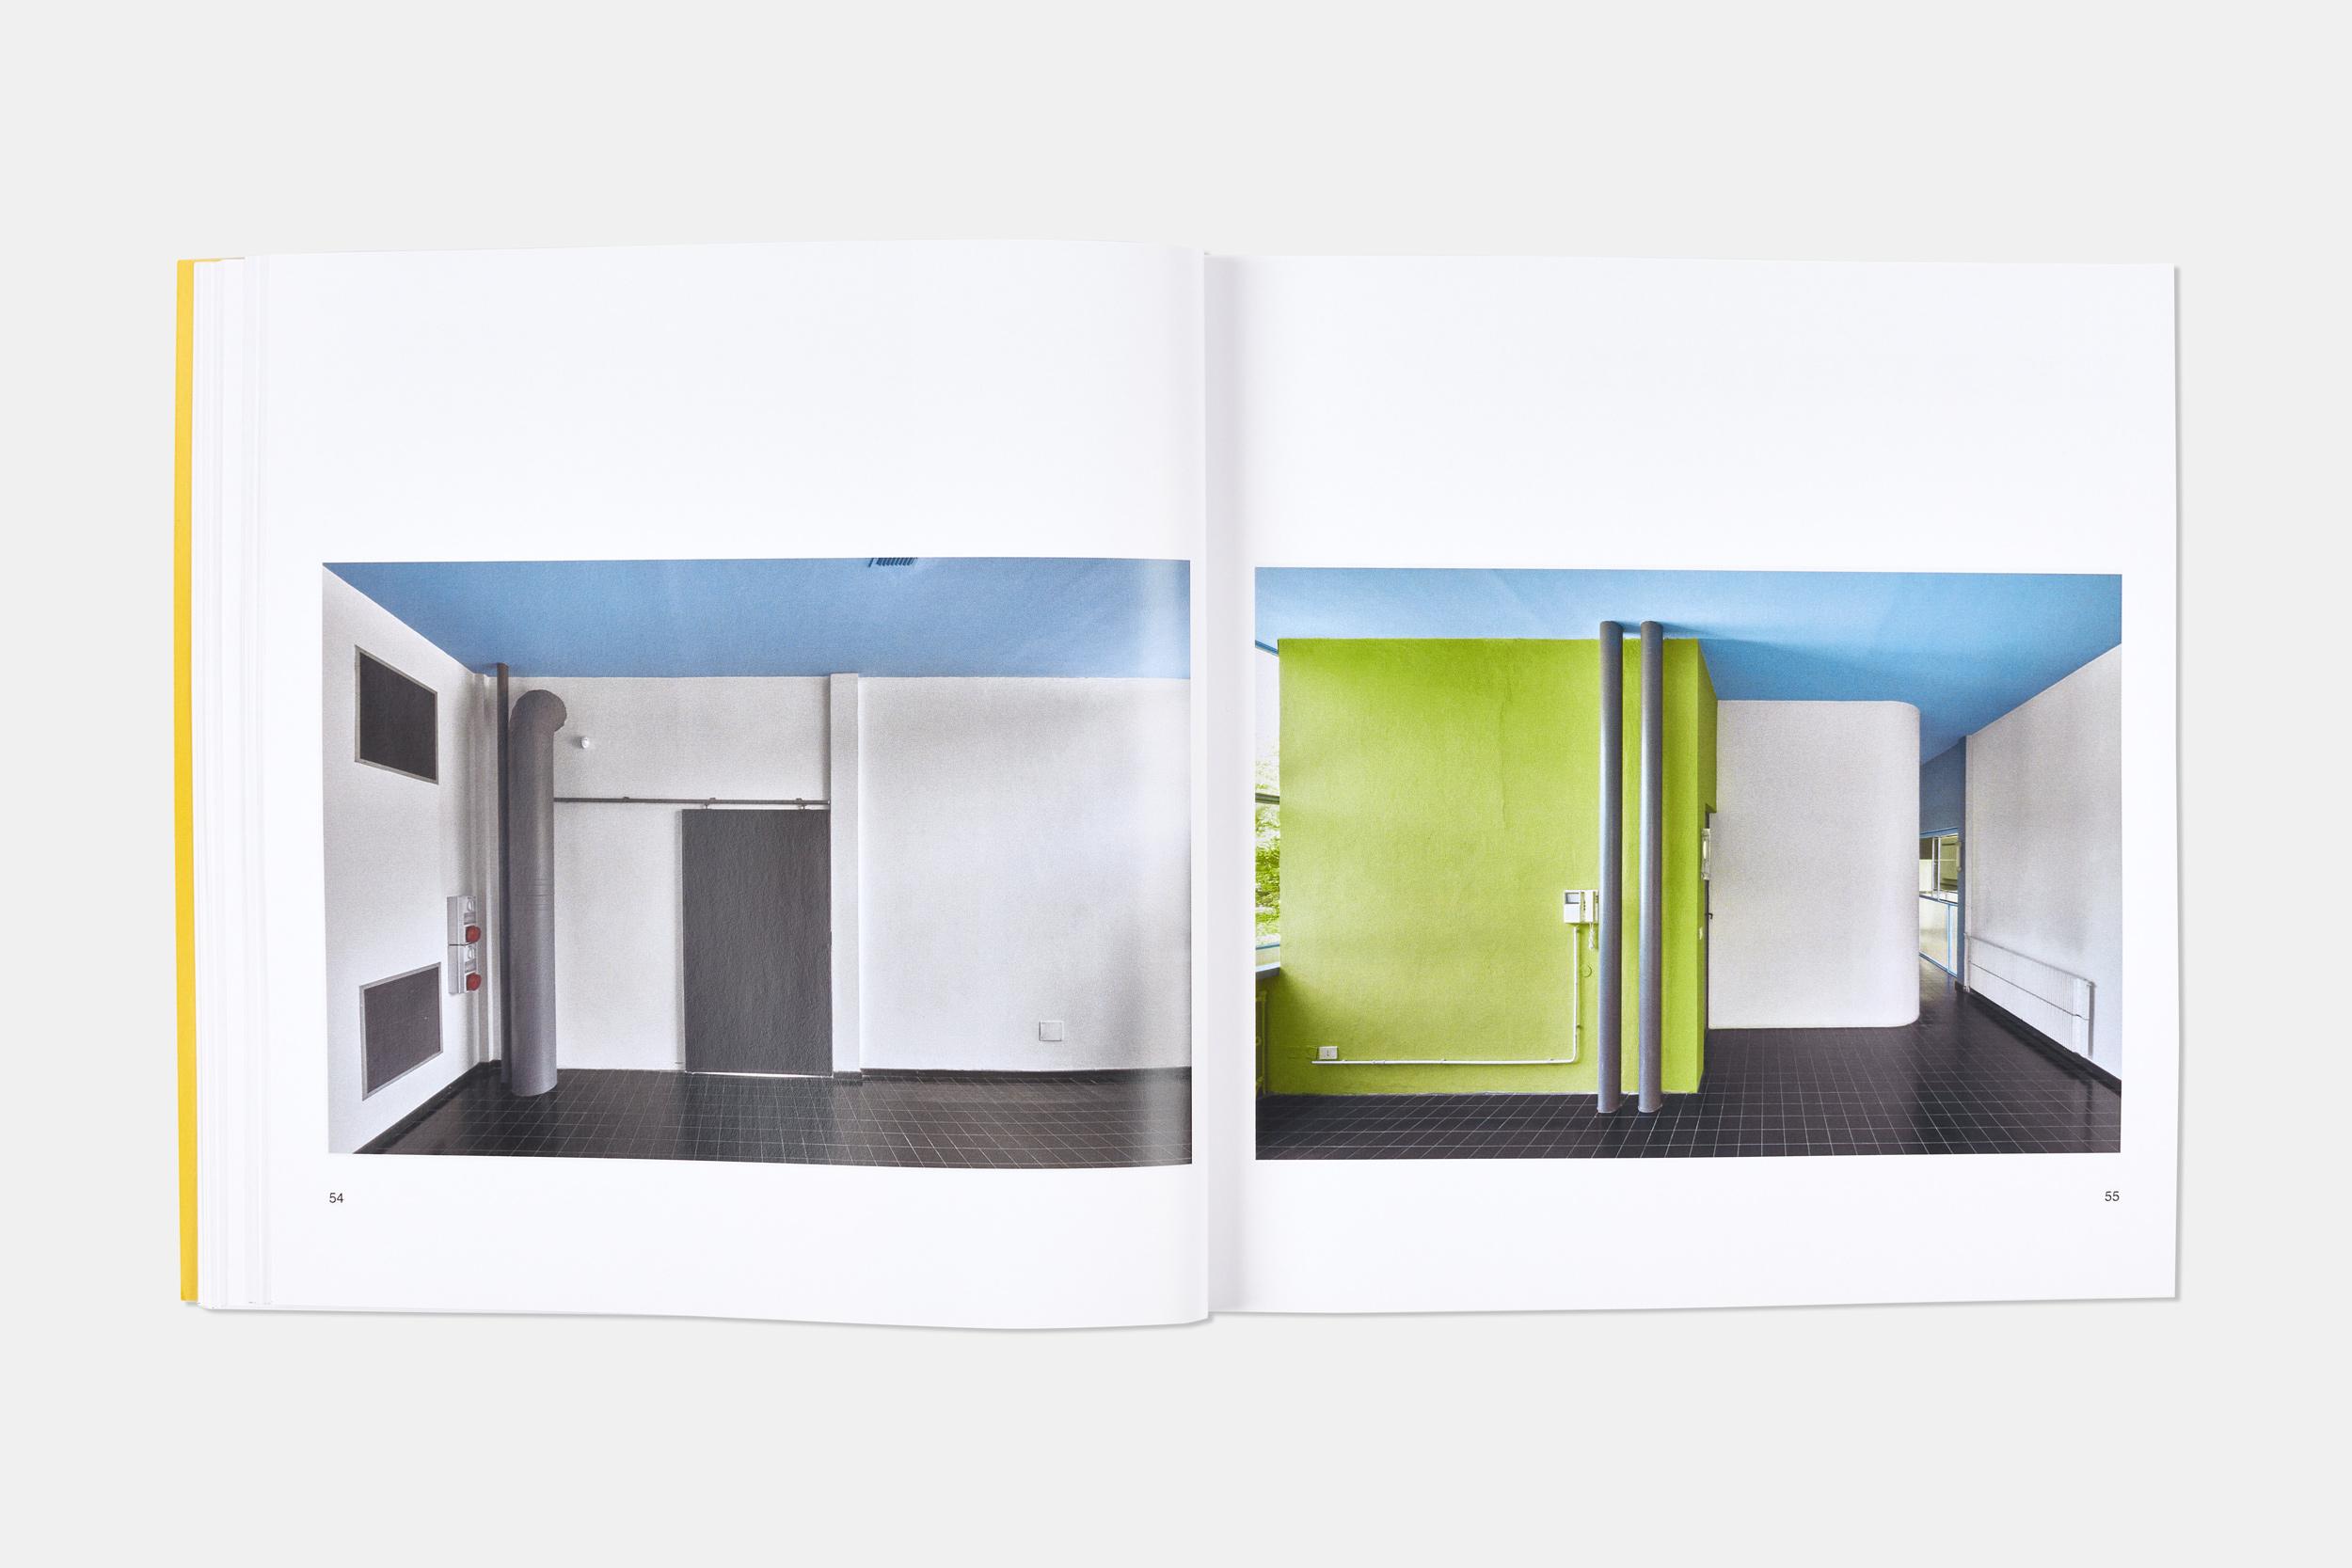 Federico_Covre_Le_Corbusier_Phoenix_Book_Esprit_Nouveau_2018_21